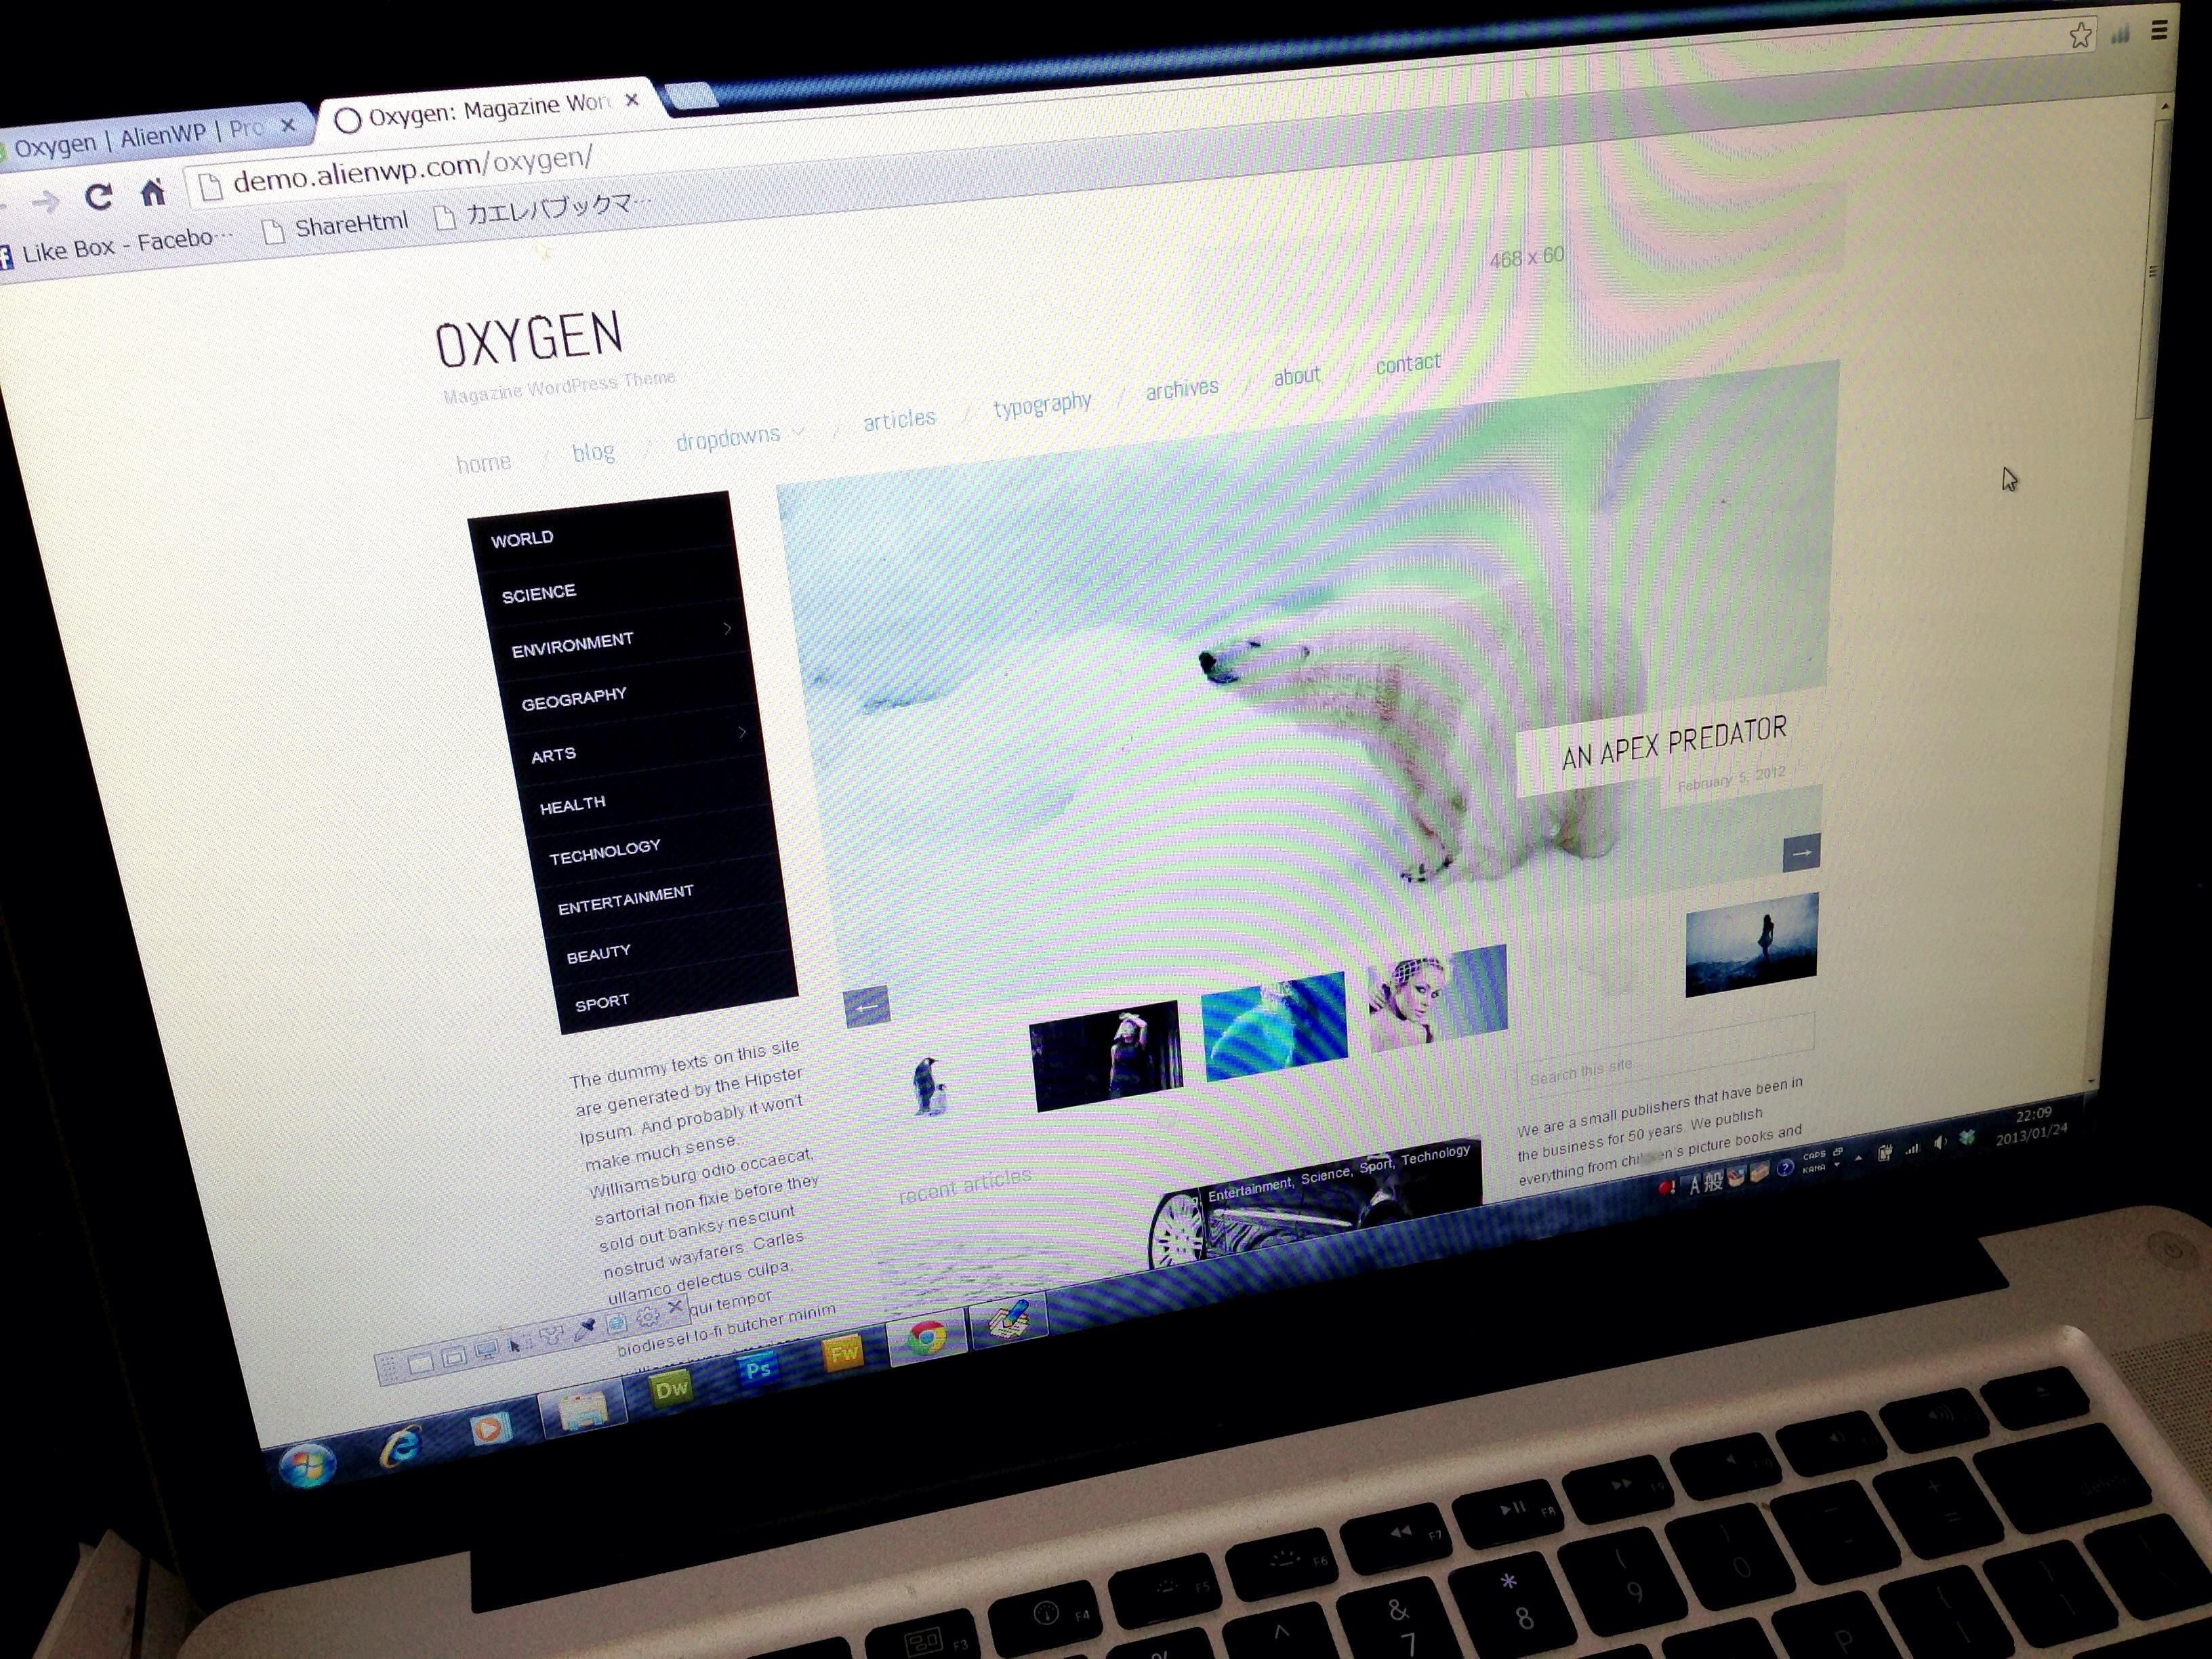 WordPress用のテーマに、無料ながらも超ビジュアル系な「Oxygen」を採用